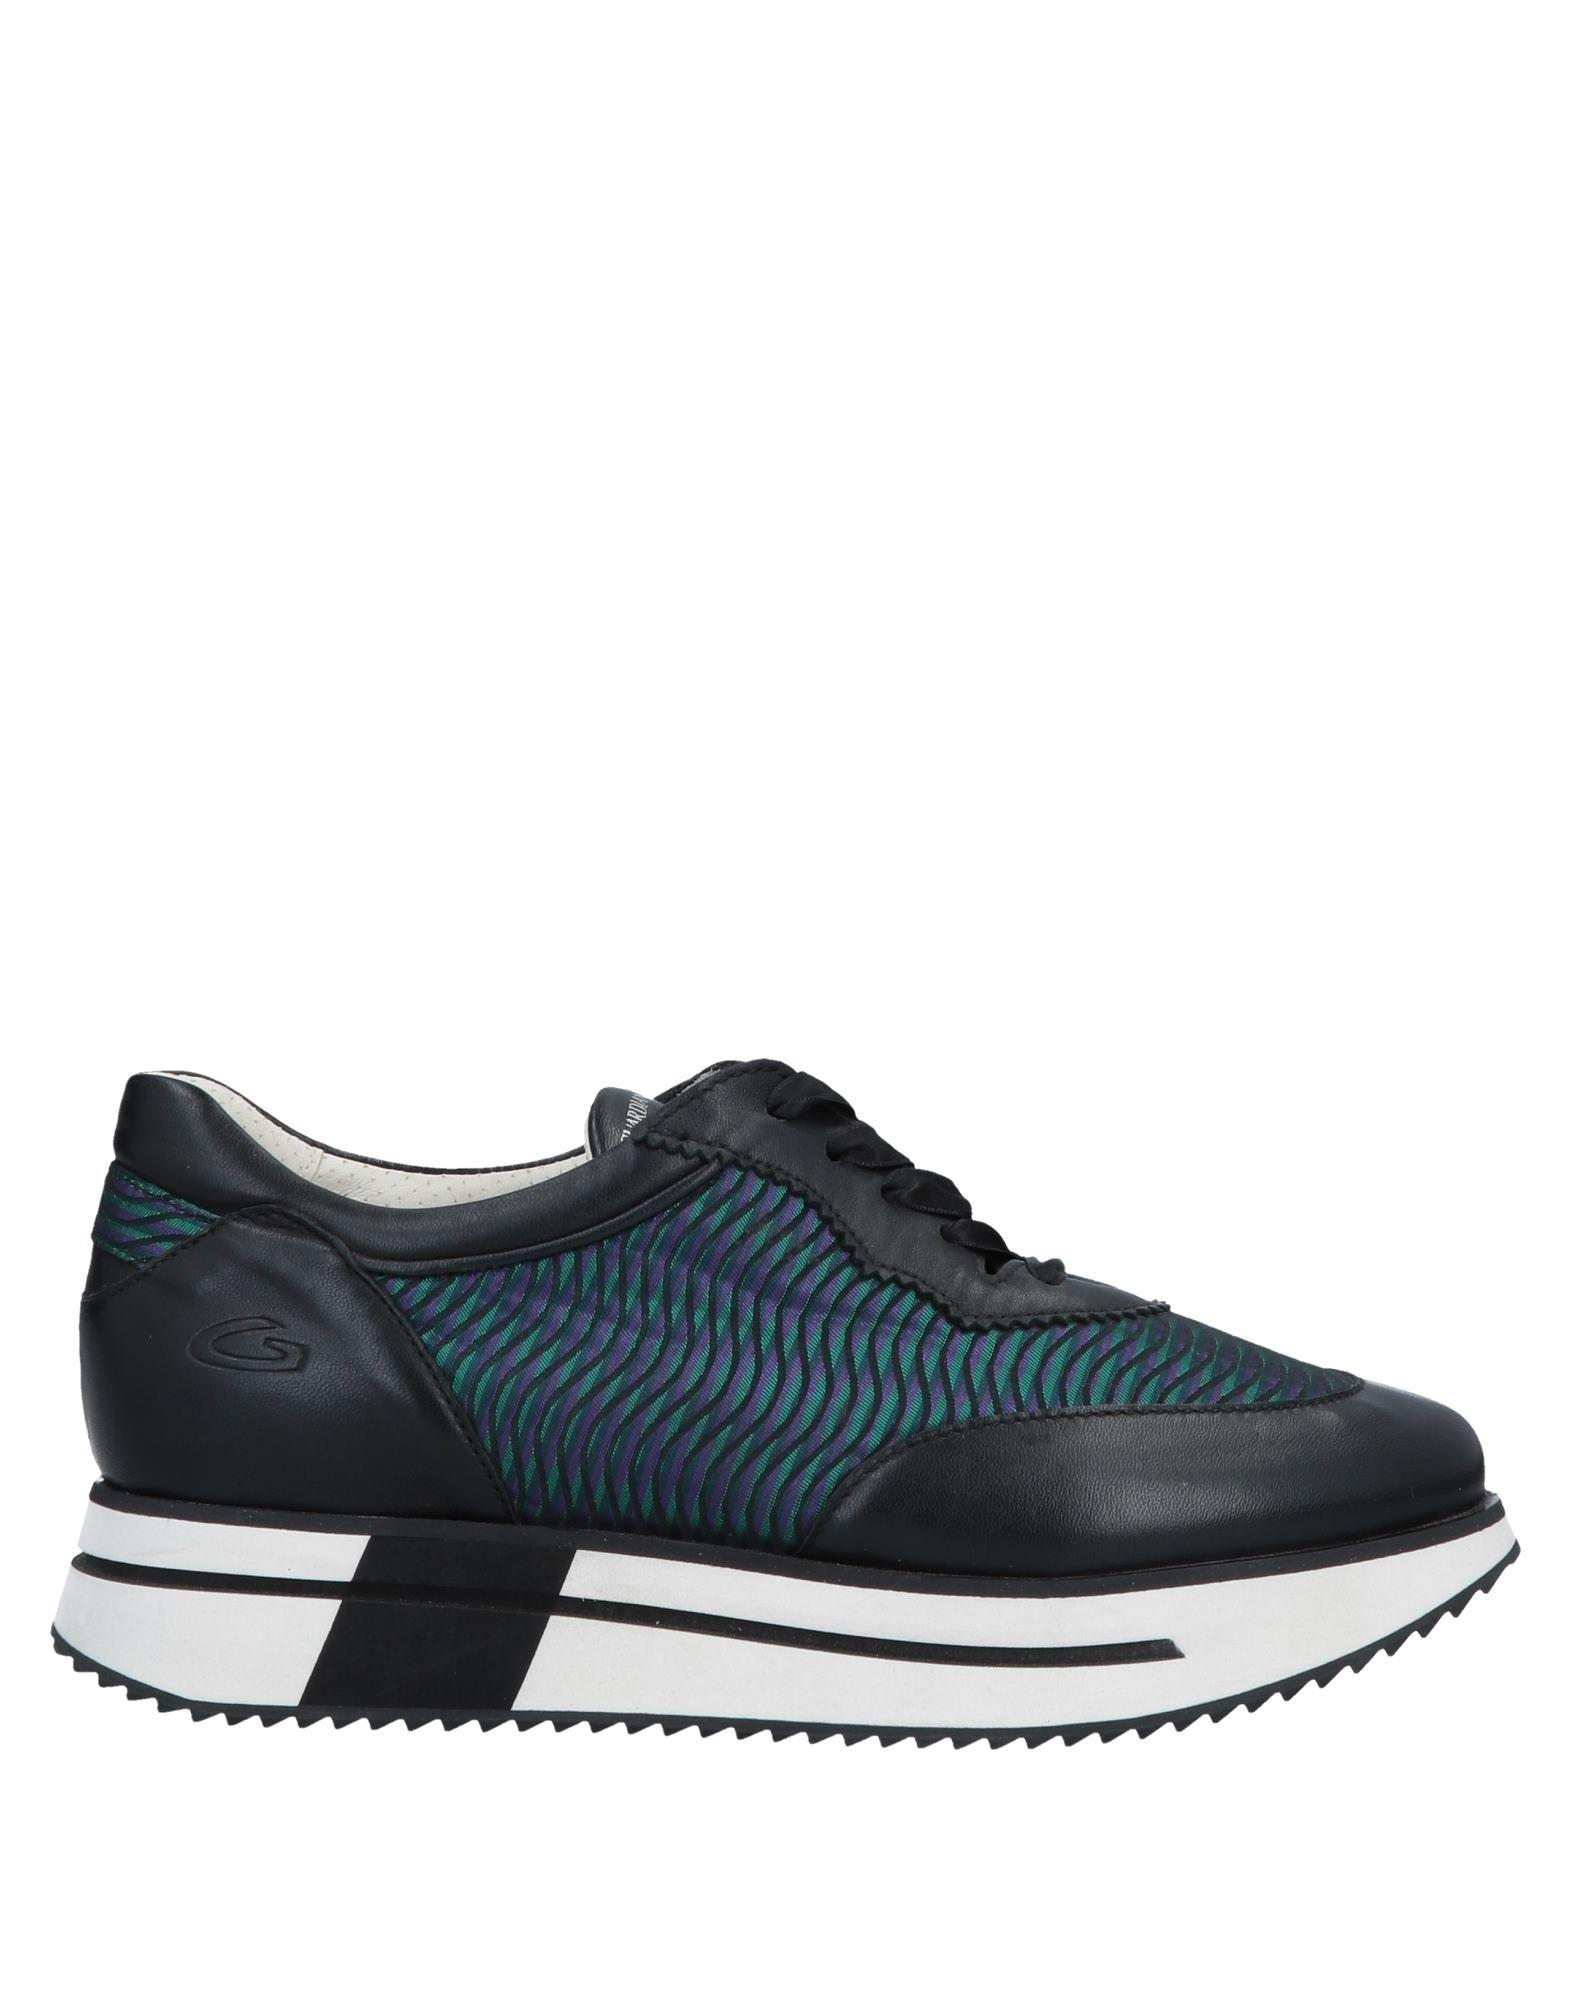 《送料無料》ALBERTO GUARDIANI レディース スニーカー&テニスシューズ(ローカット) ブラック 35 革 / 紡績繊維